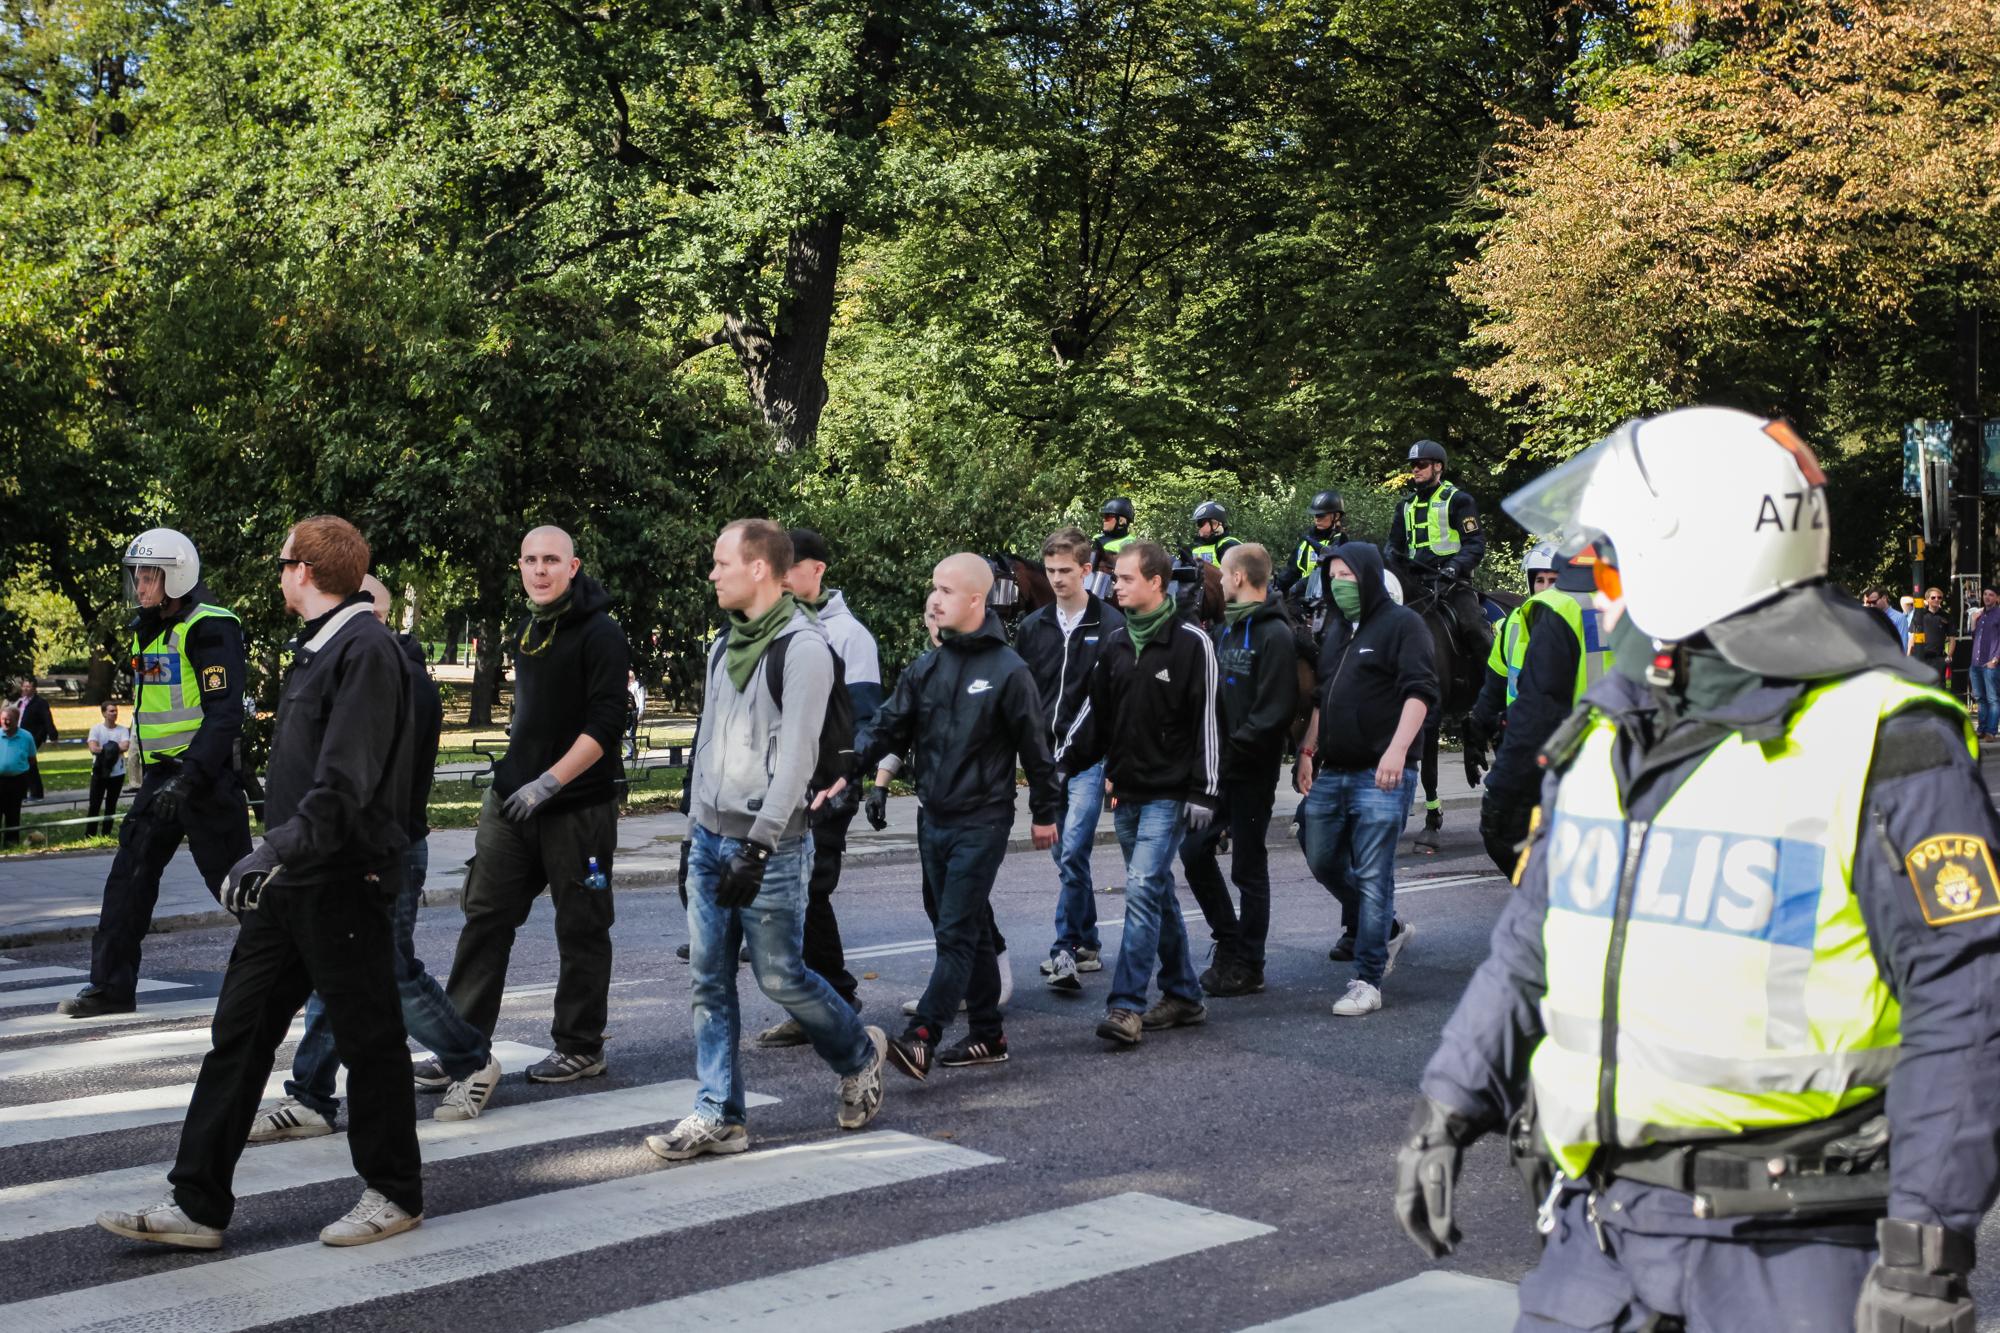 På trods af SvP og SMR's rivalisering i begyndelsen af dette årti, deltog en mindre, men meget aggresiv gruppe SMR-aktivister i SvP's demonstration i Stockholm. Demonstrationen markerede starten på den ét år lange valgkamp. Foto: Redox.